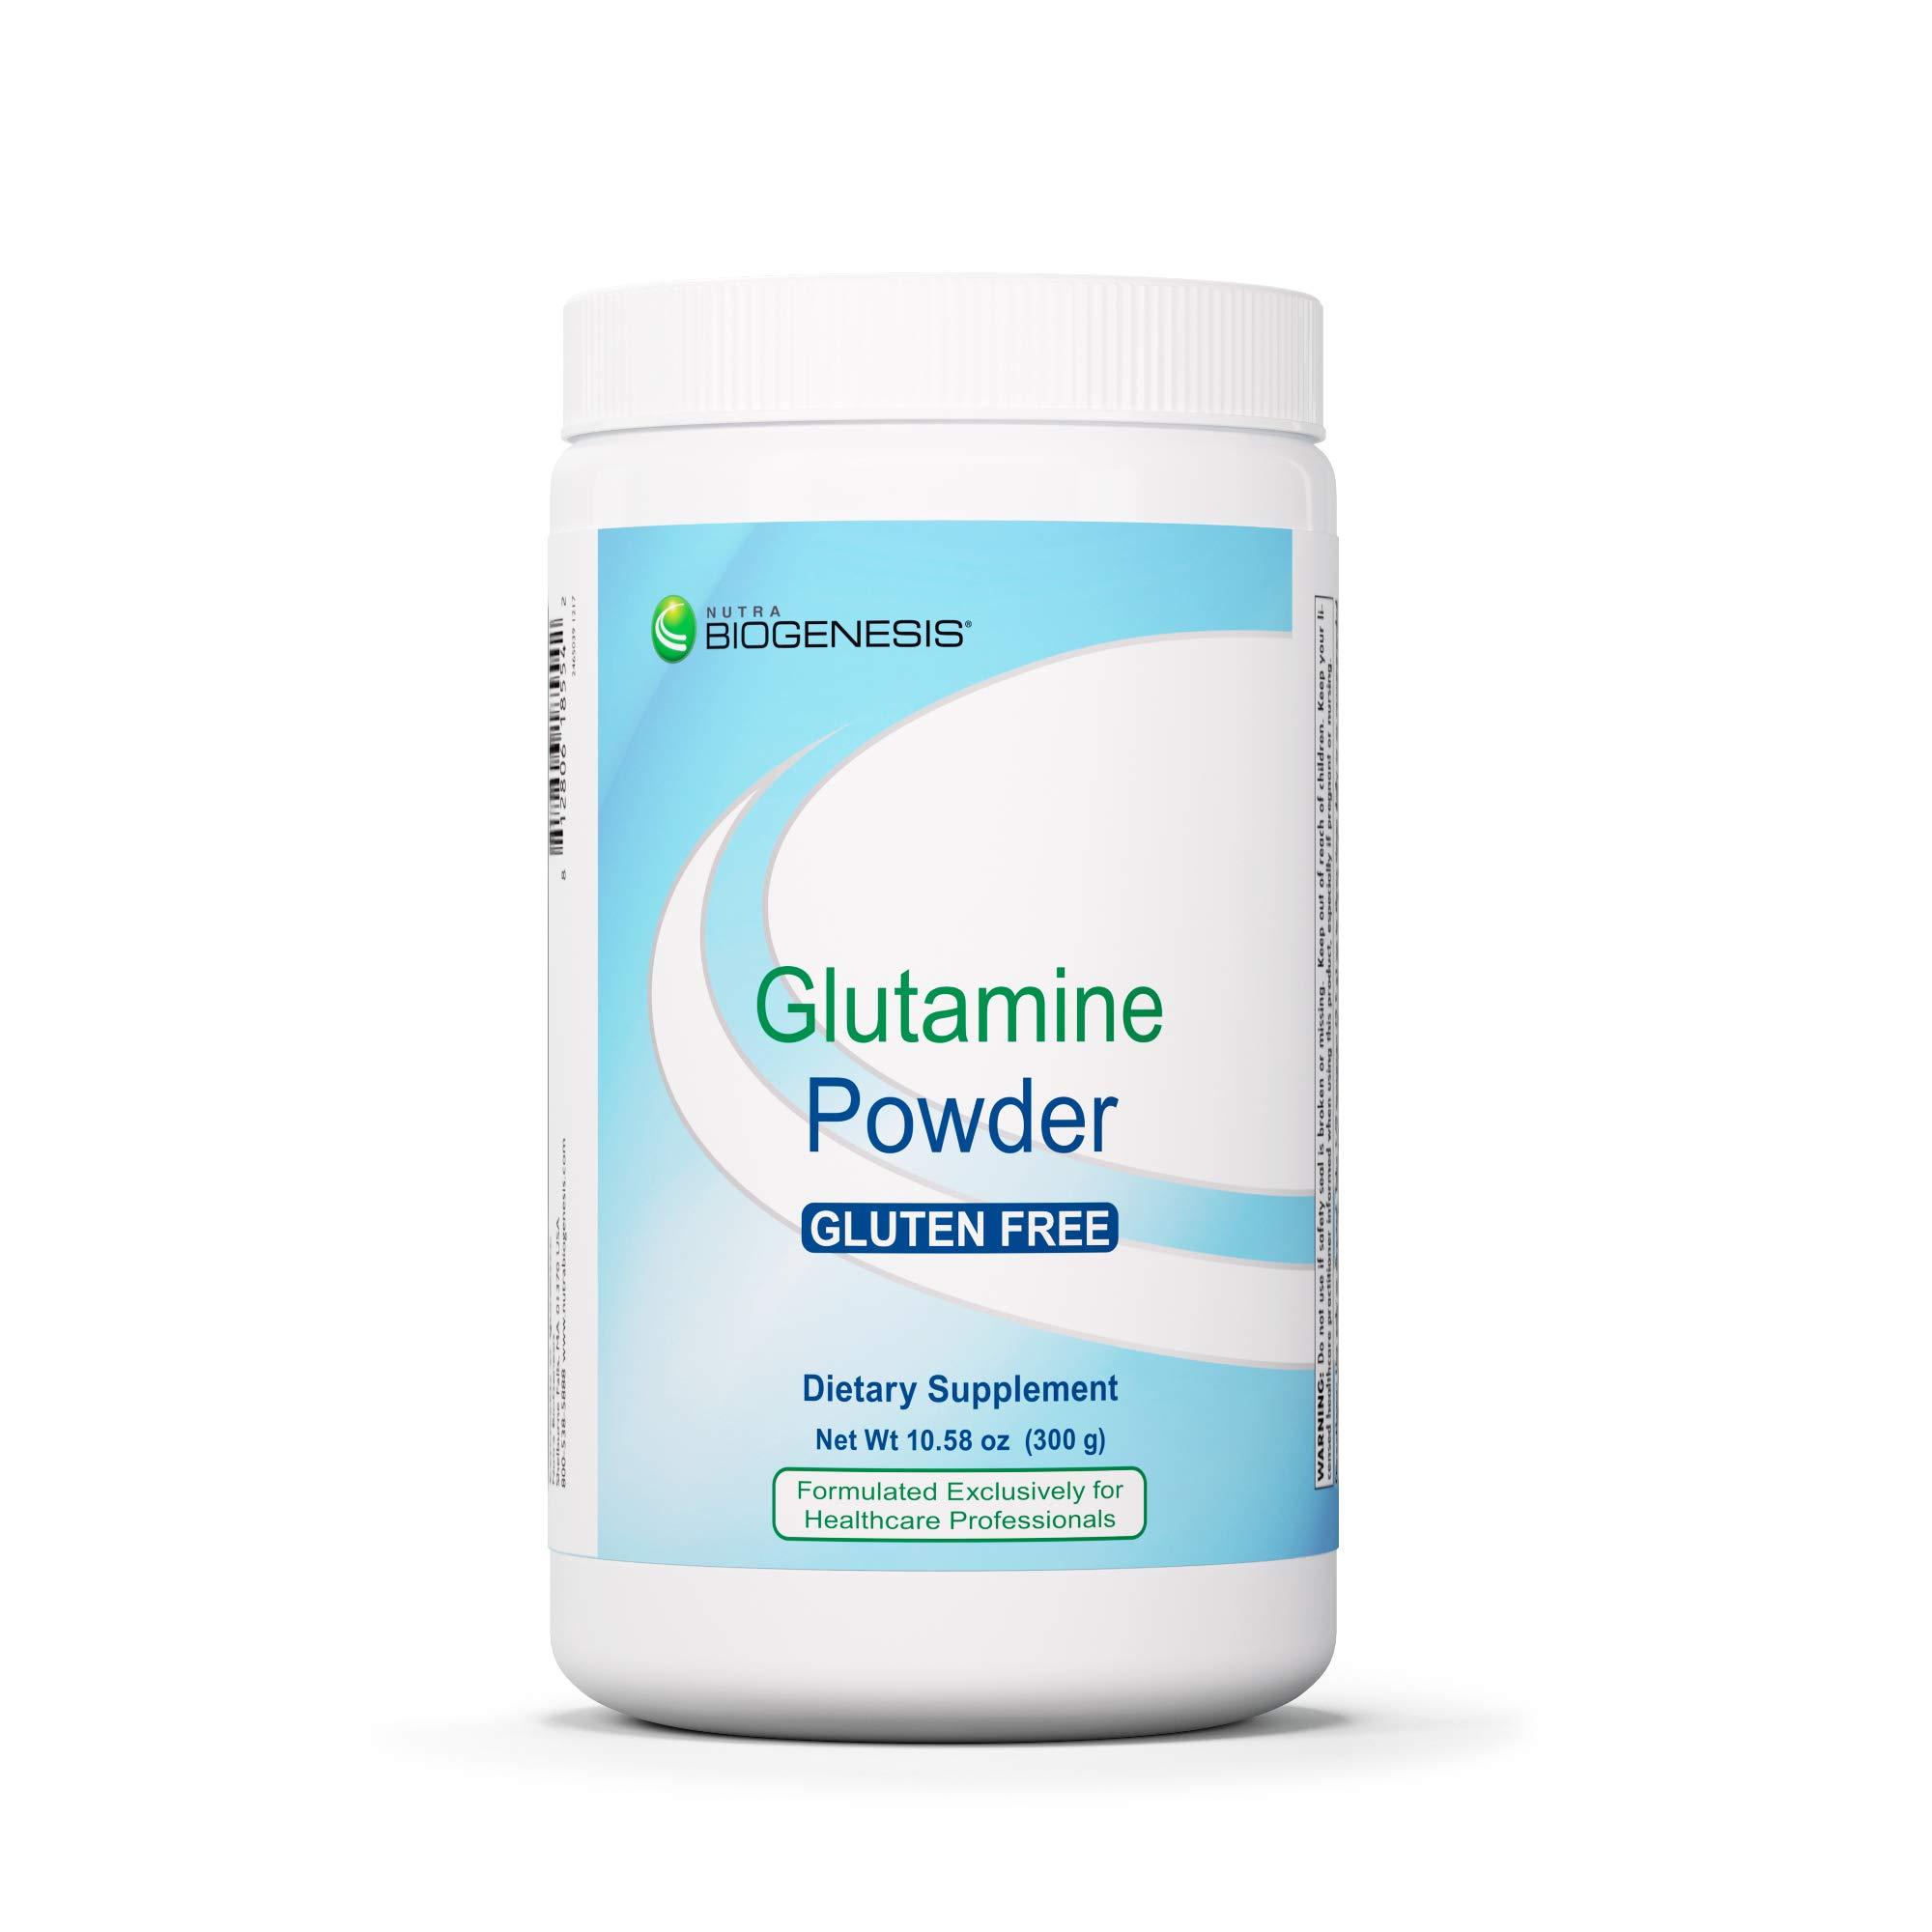 Nutra BioGenesis Glutamine Powder - L-Glutamine for Gastrointestinal Health, Workout Support & Amino Acid Supplementation - Gluten Free - 300 g